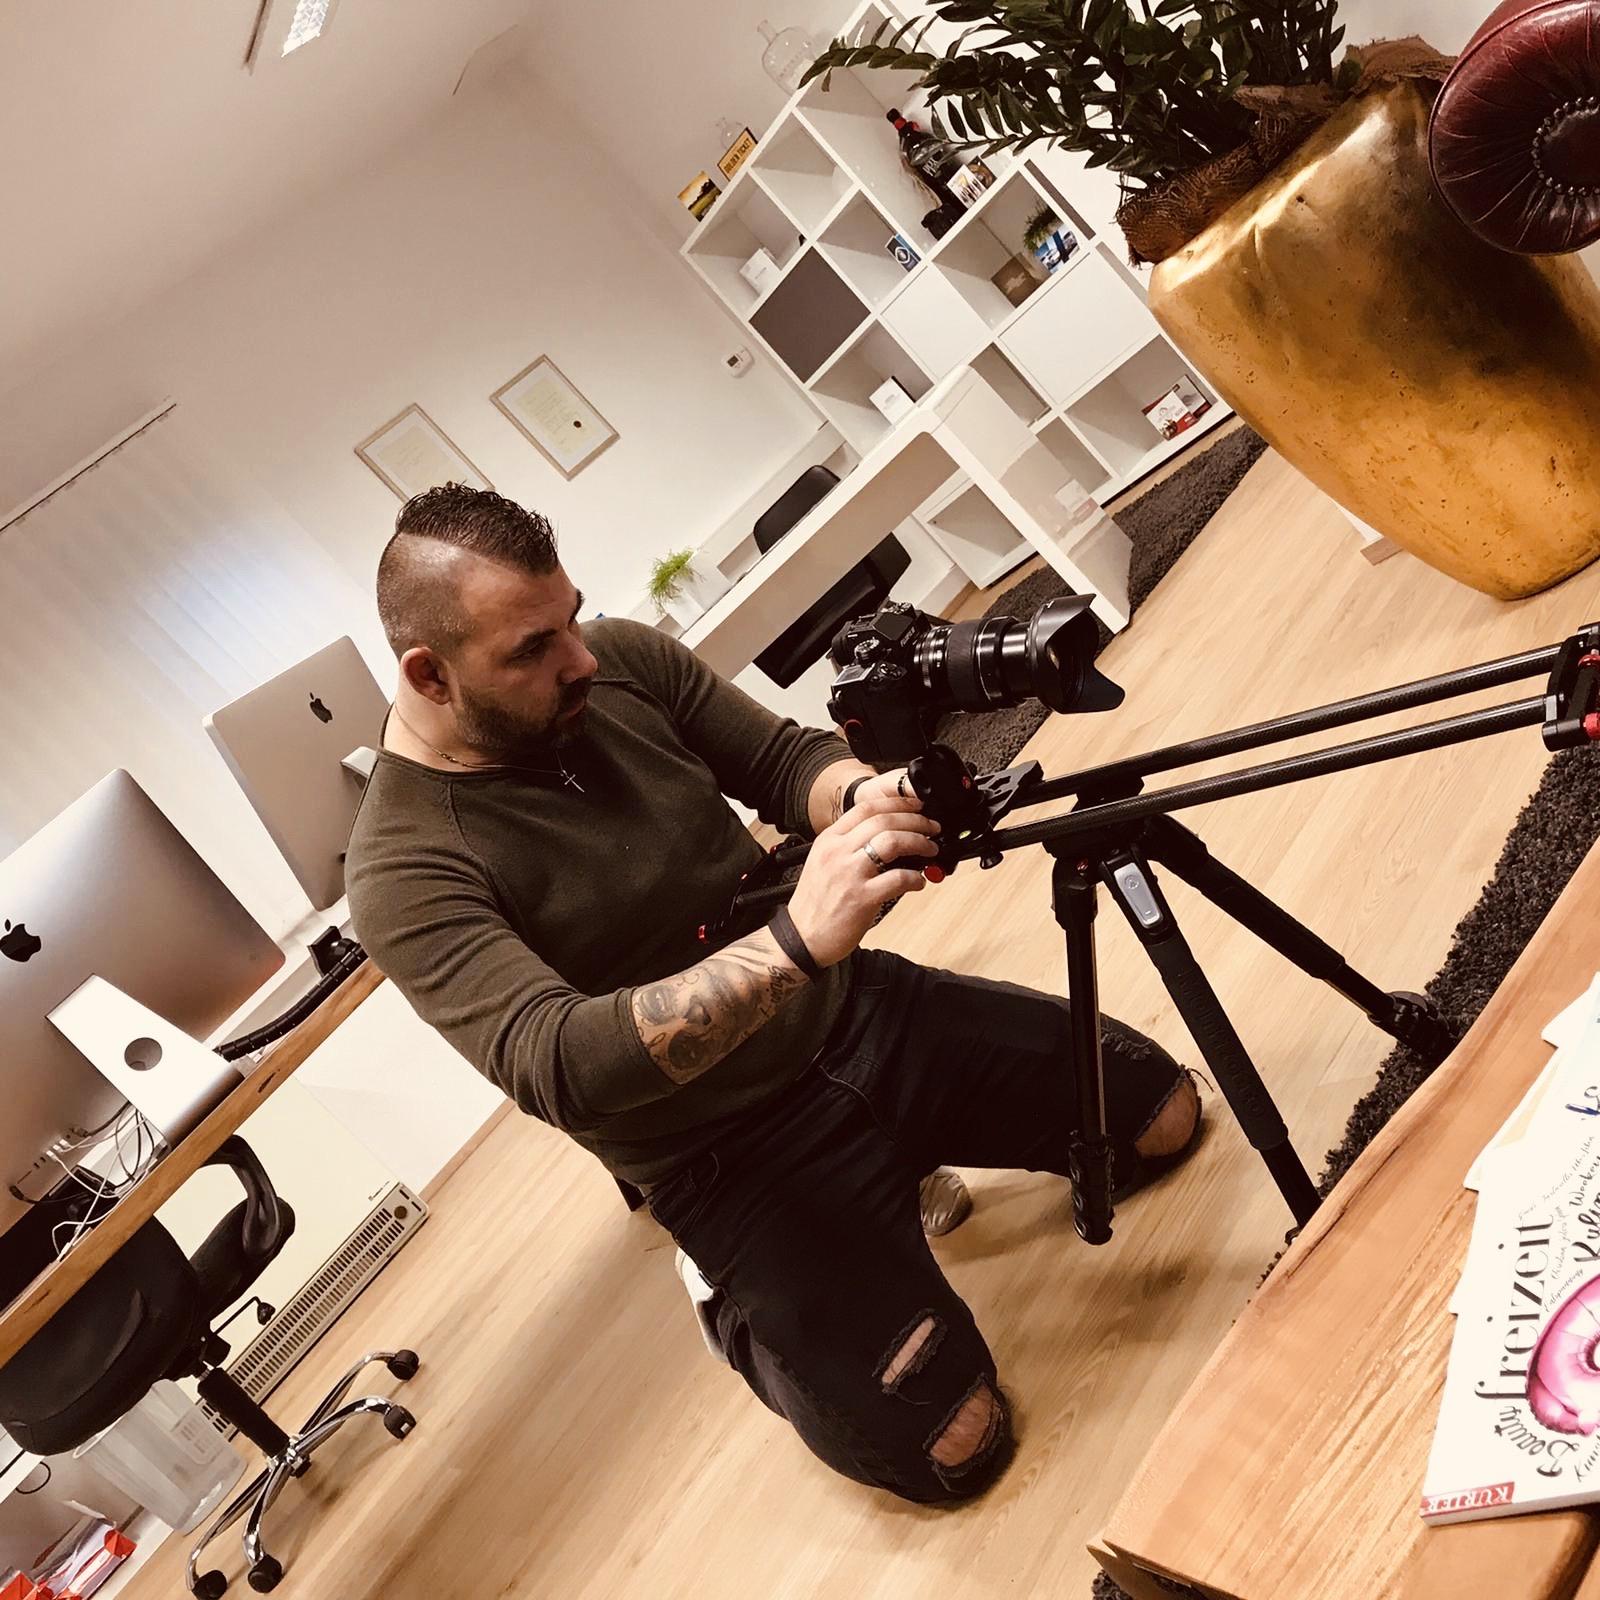 Videographer   APST Photo & Filmmaker